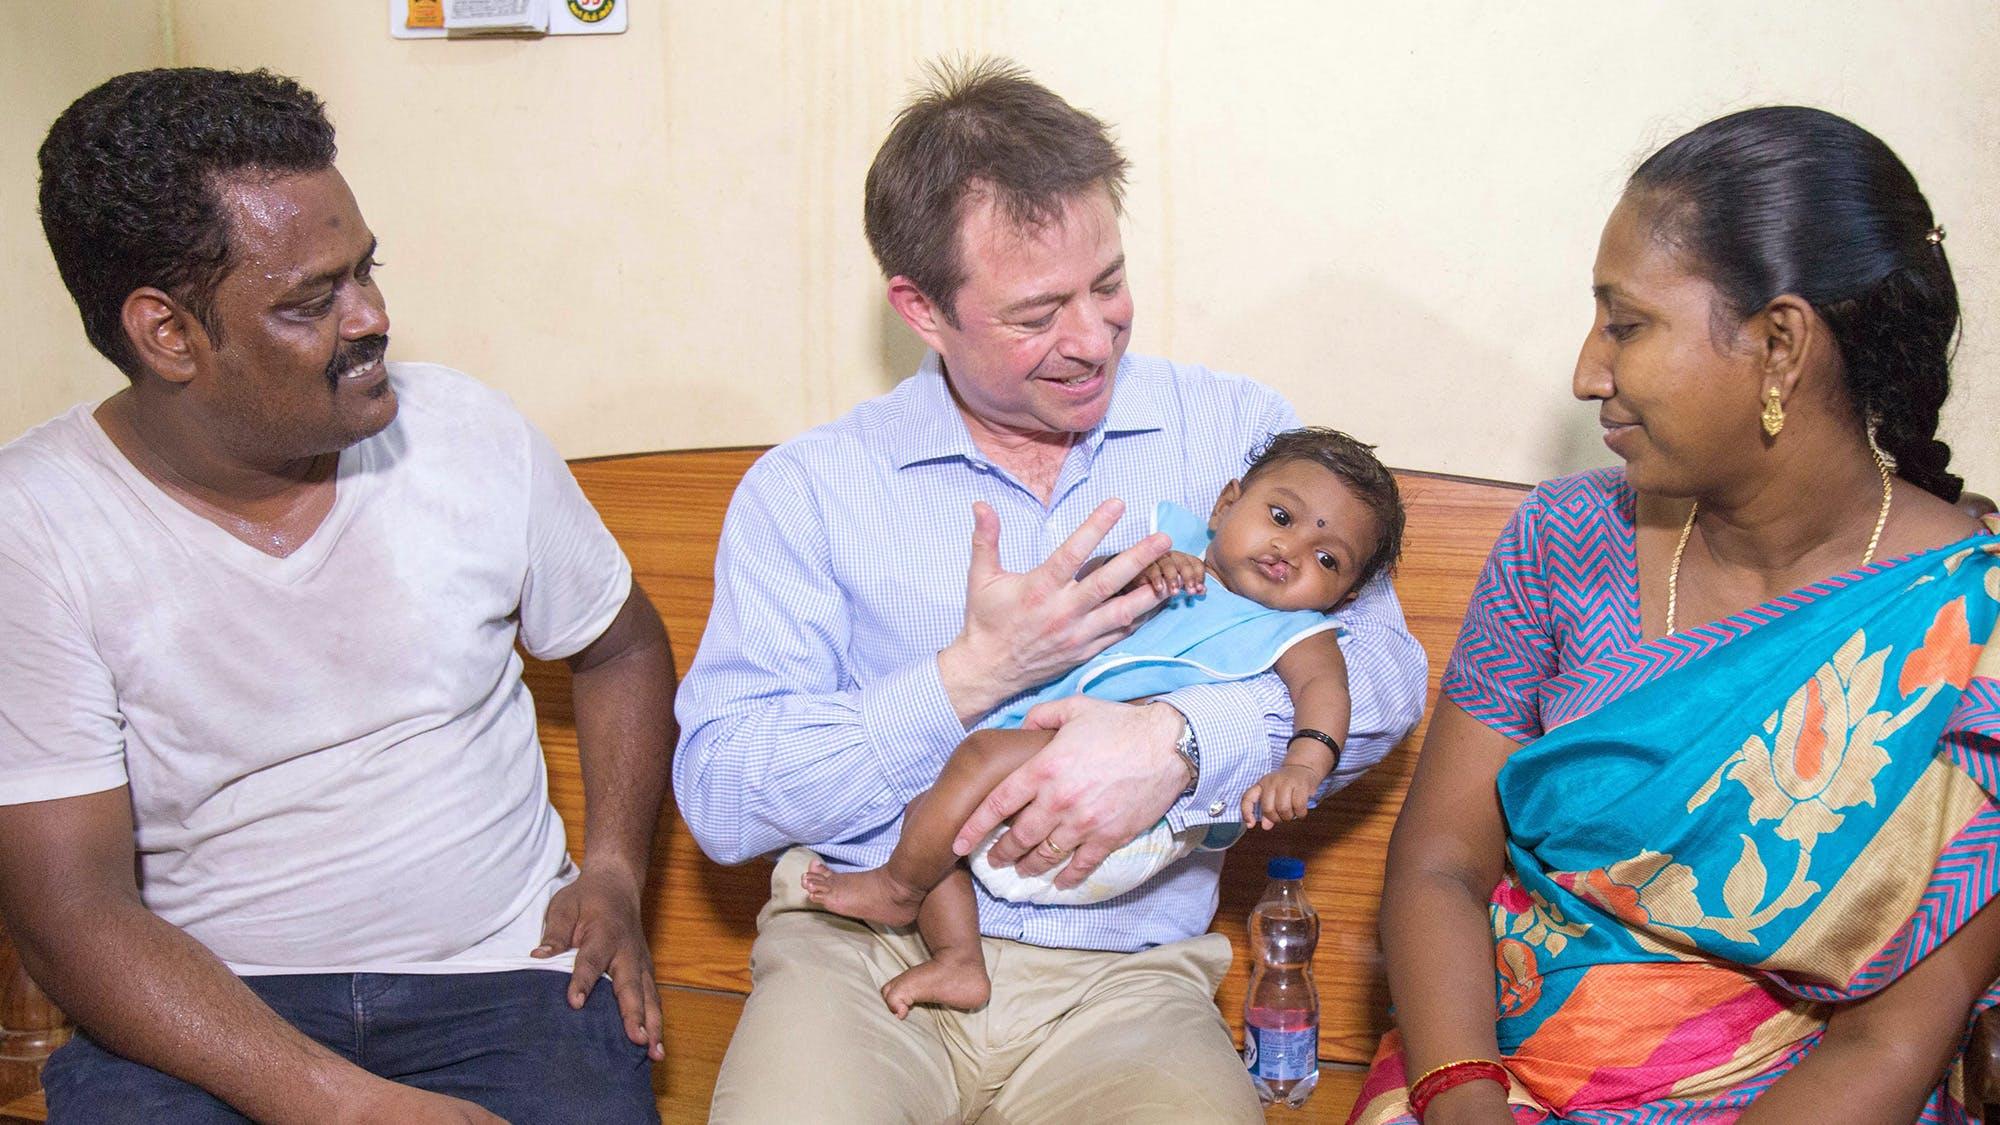 Doctor holds baby sat inbetween parents.